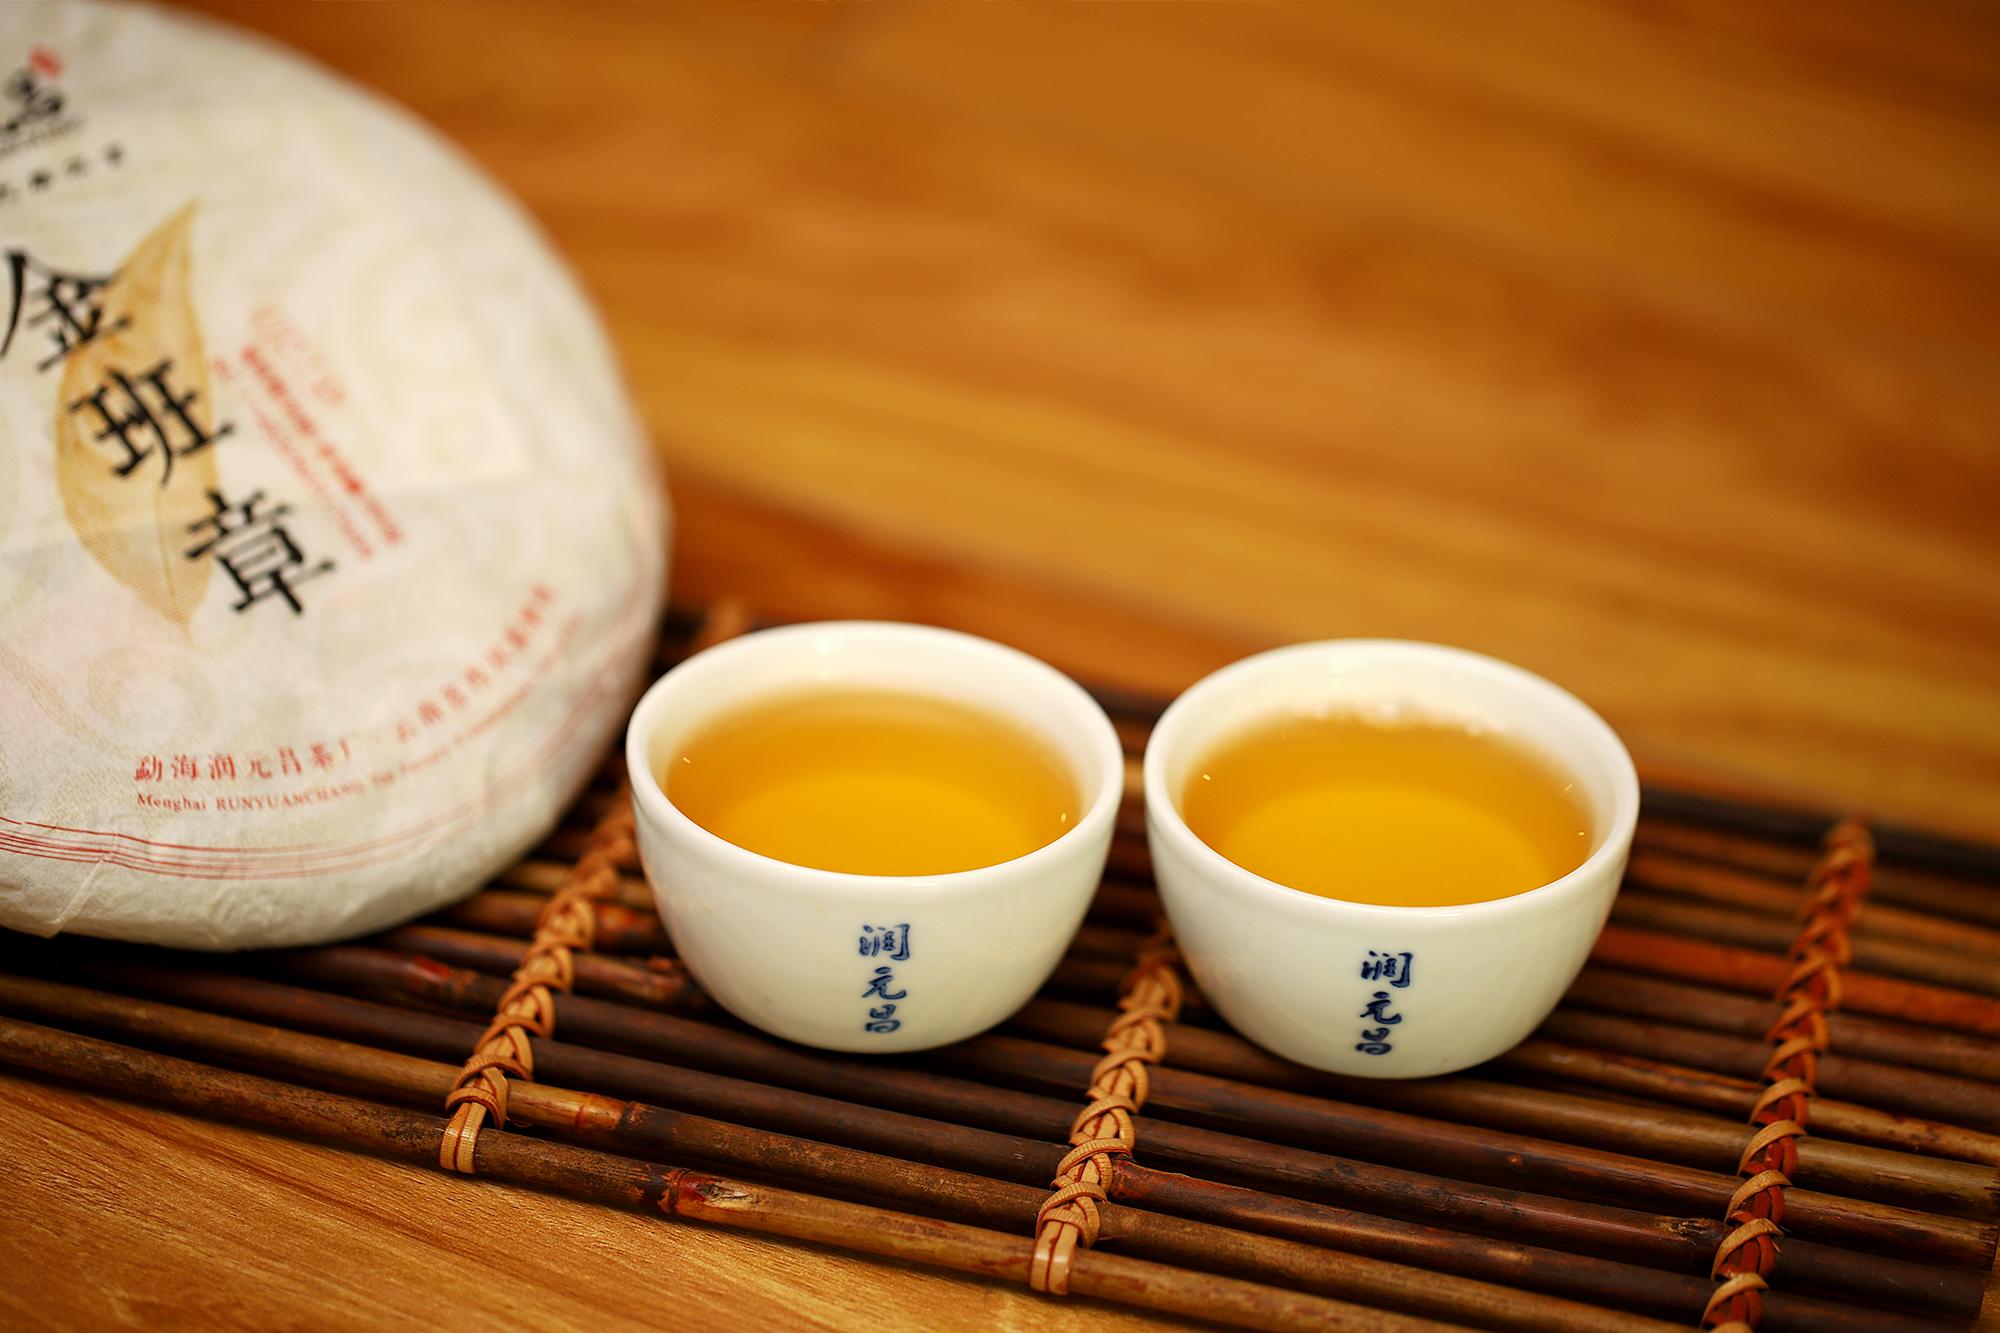 701金班章生茶匠心獨運,品質如金_04